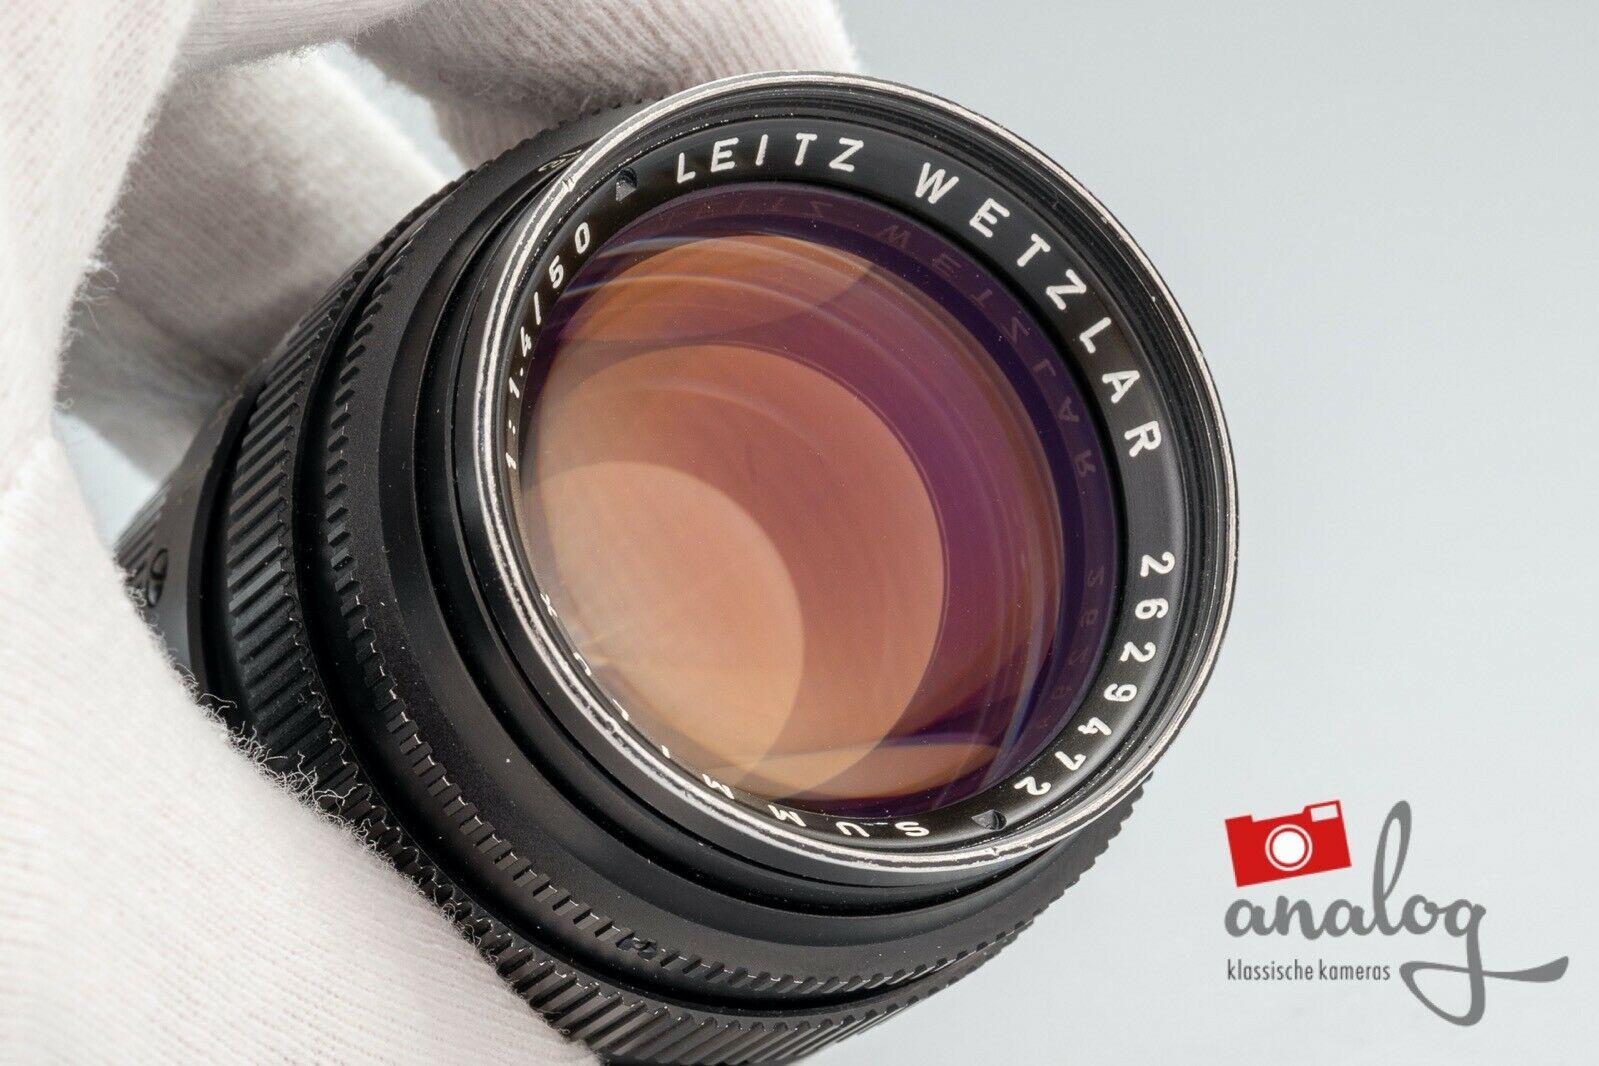 Leica Summilux-M 50mm 1.4 - 11114 (II) - werkstattüberholt